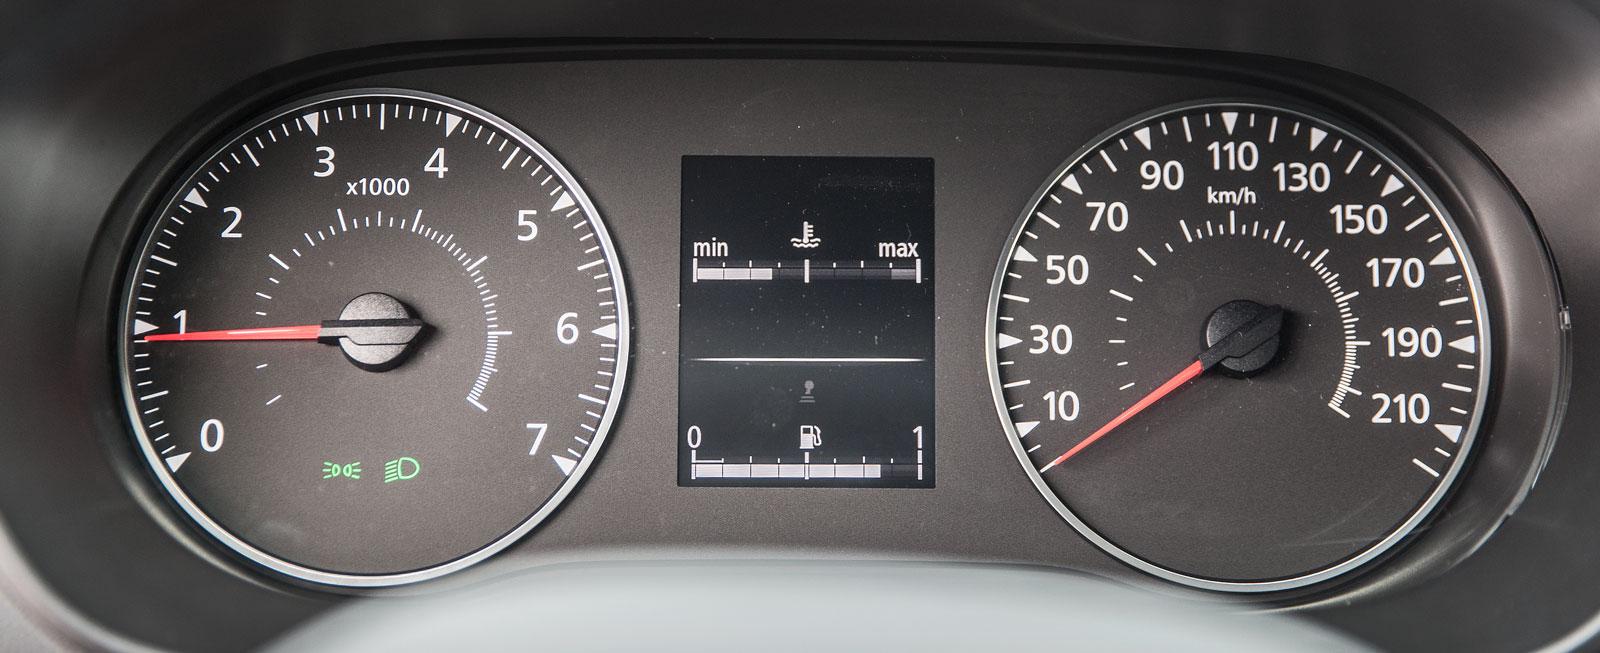 Rejält tilltagna visartavlor i Dacia. Mellan dem en färddator med jämförelsevis begränsad informationskapacitet.